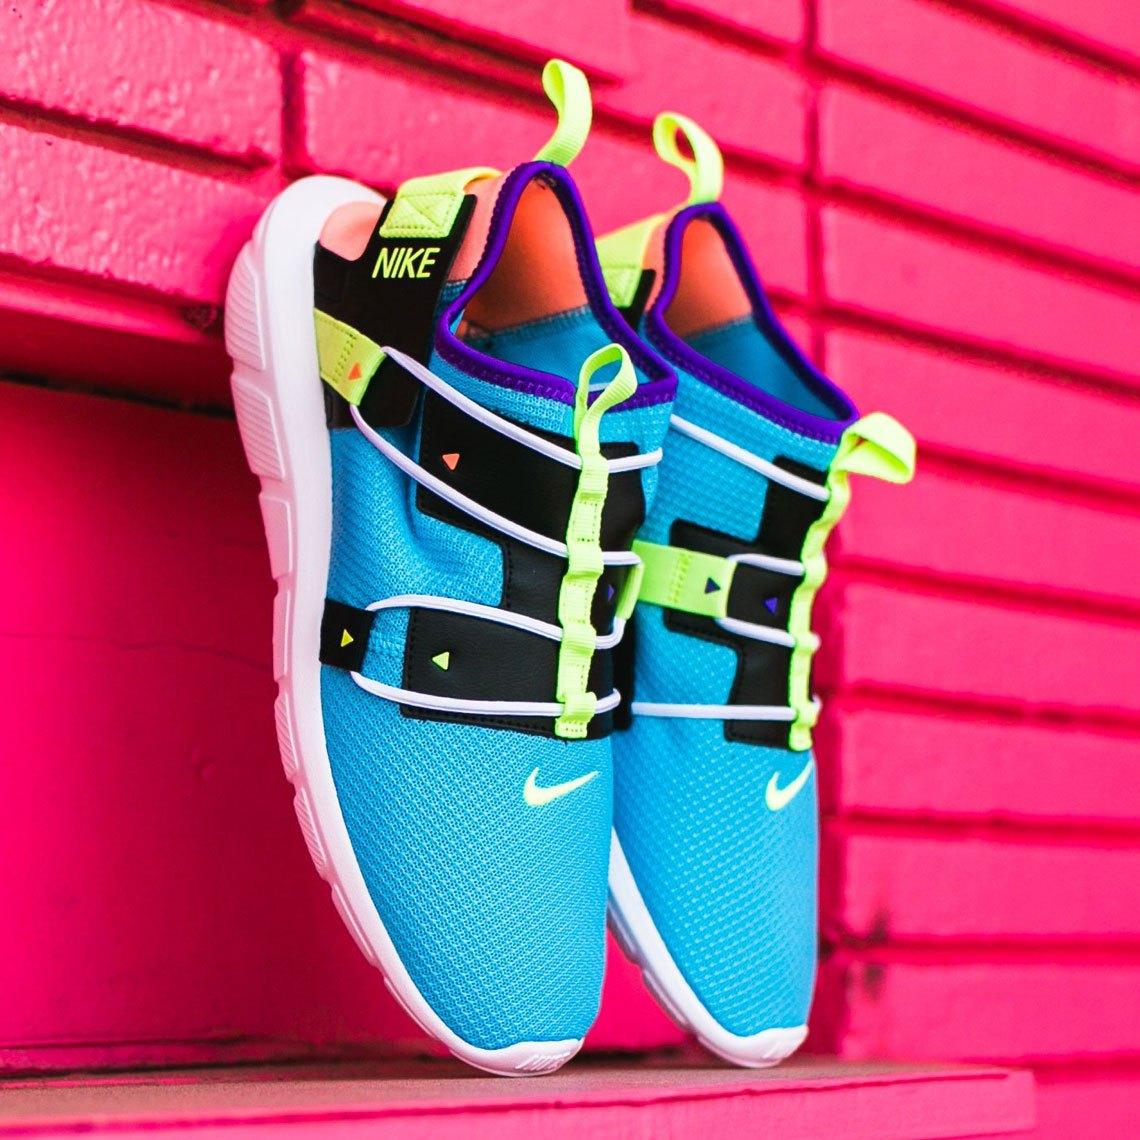 nike-vortak-lifestyle-shoe-7